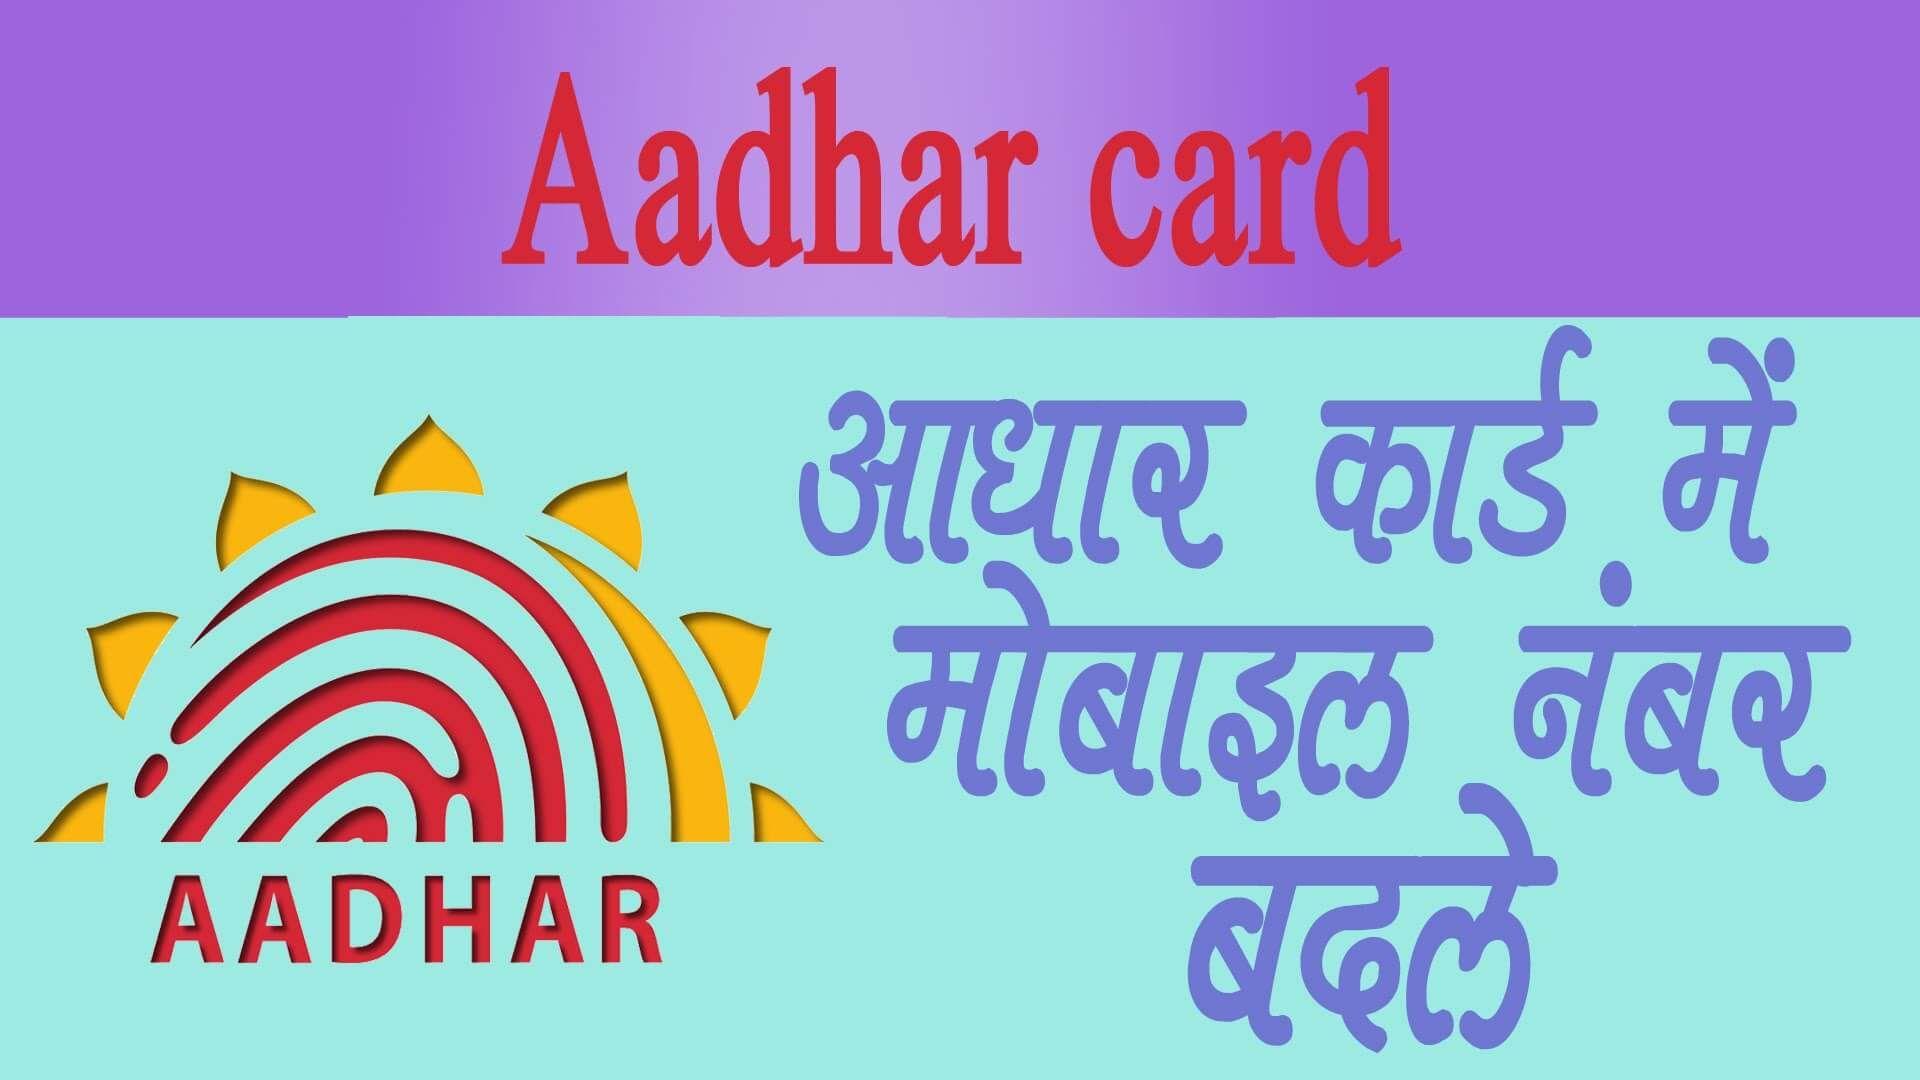 Uidai warns against agencies printing plastic aadhaar cards economic times - Aadhaar Card Me Sahi Mobile Number Hona Bahut Jaruri Hai Agar Aap Ne Mobile